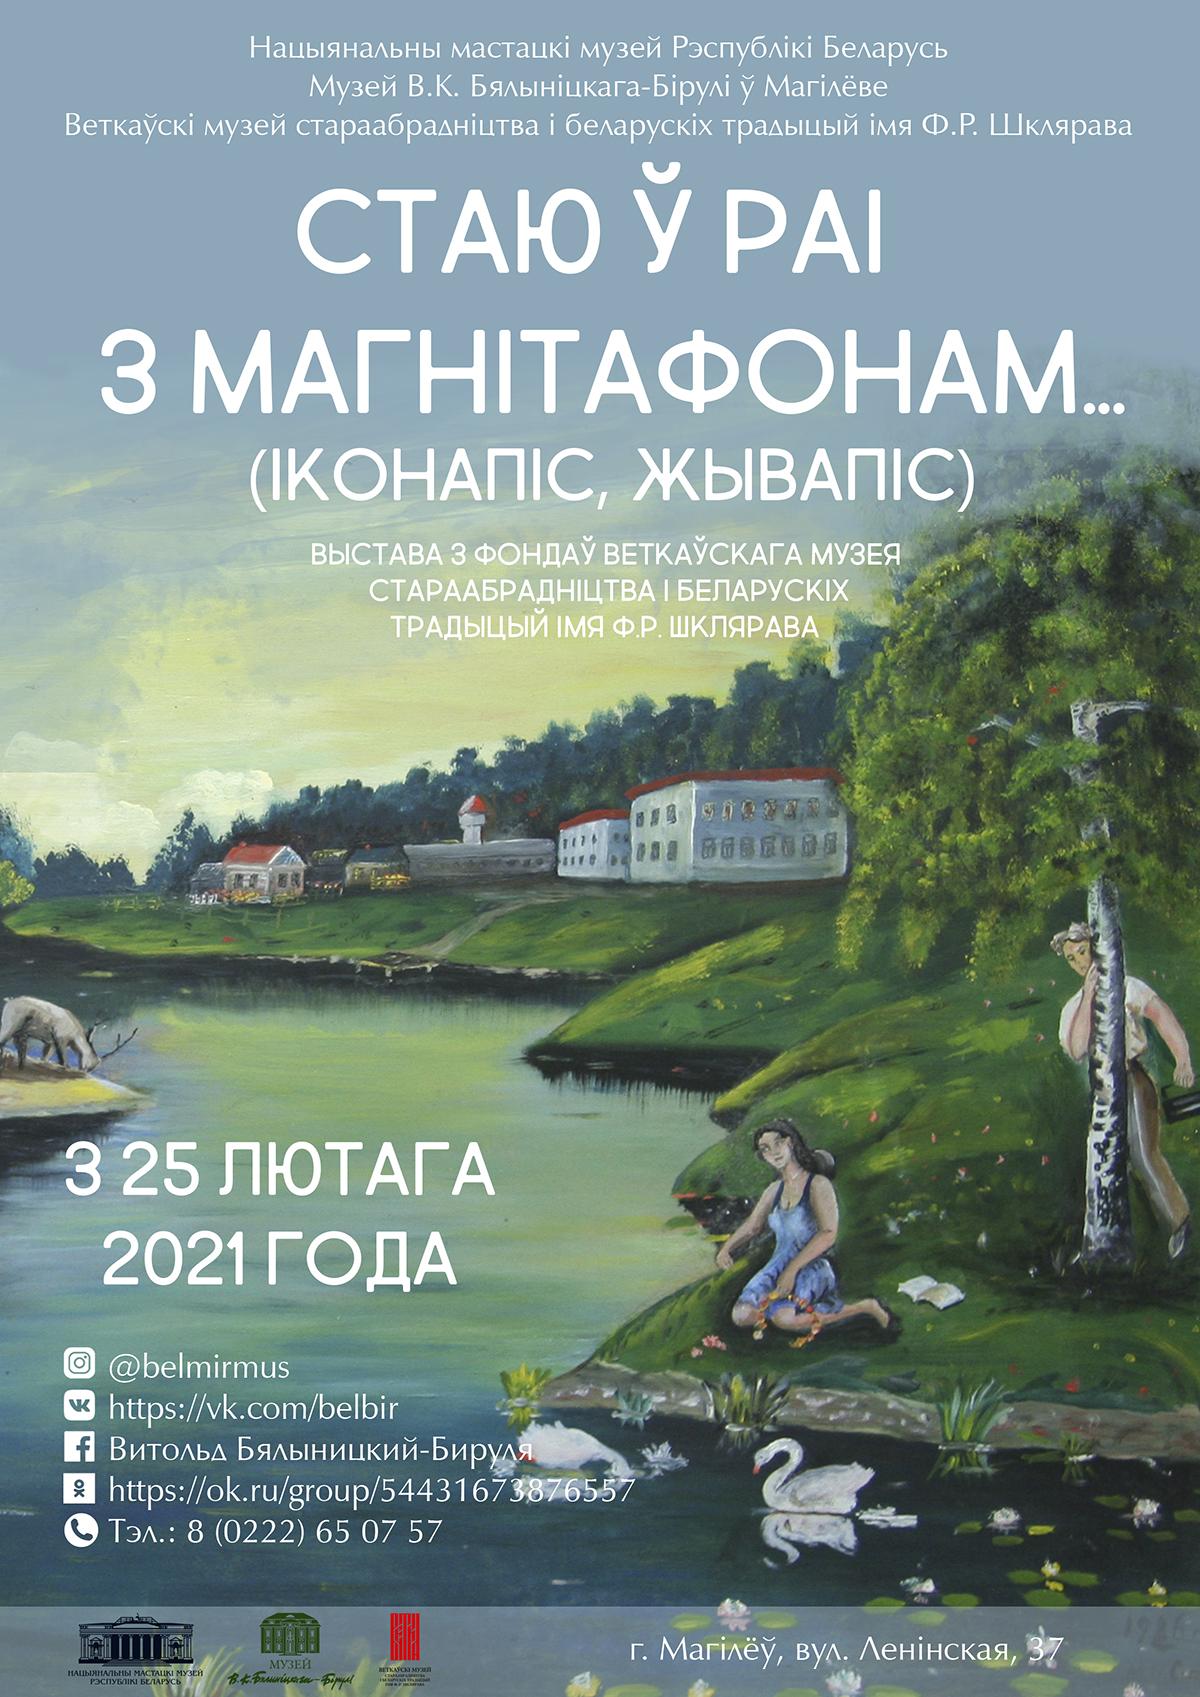 Выставка наивного искусства и народной иконы «Стою в раю с магнитофоном...»